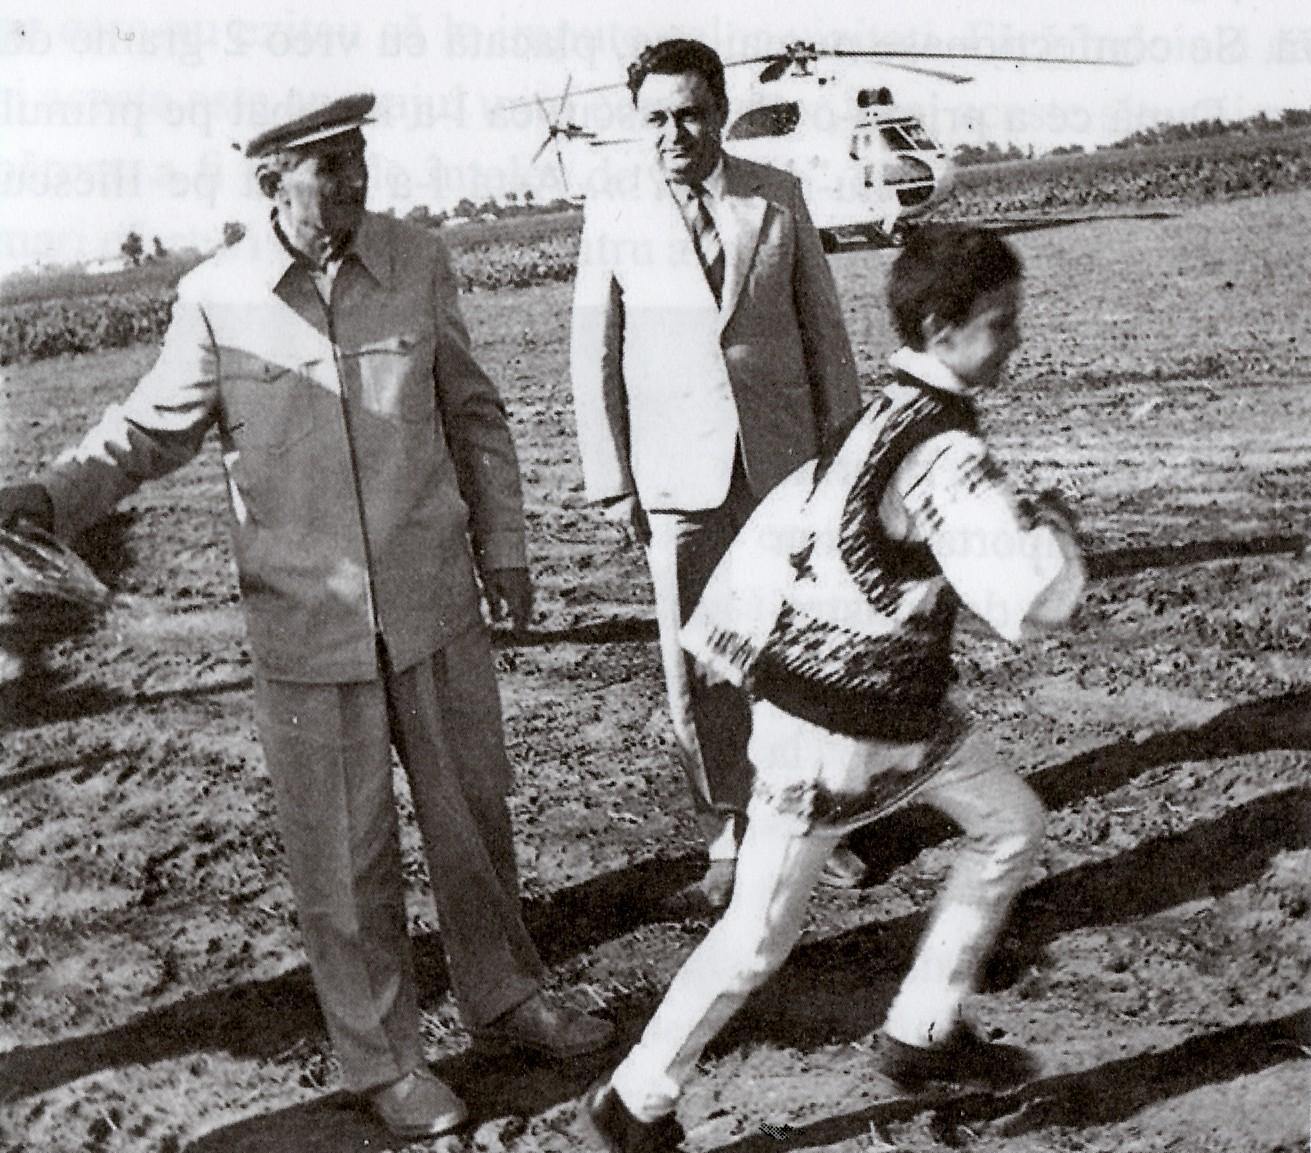 Ceauşescu şi prim-secretarul, stupefiaţi că un puşti le taie calea